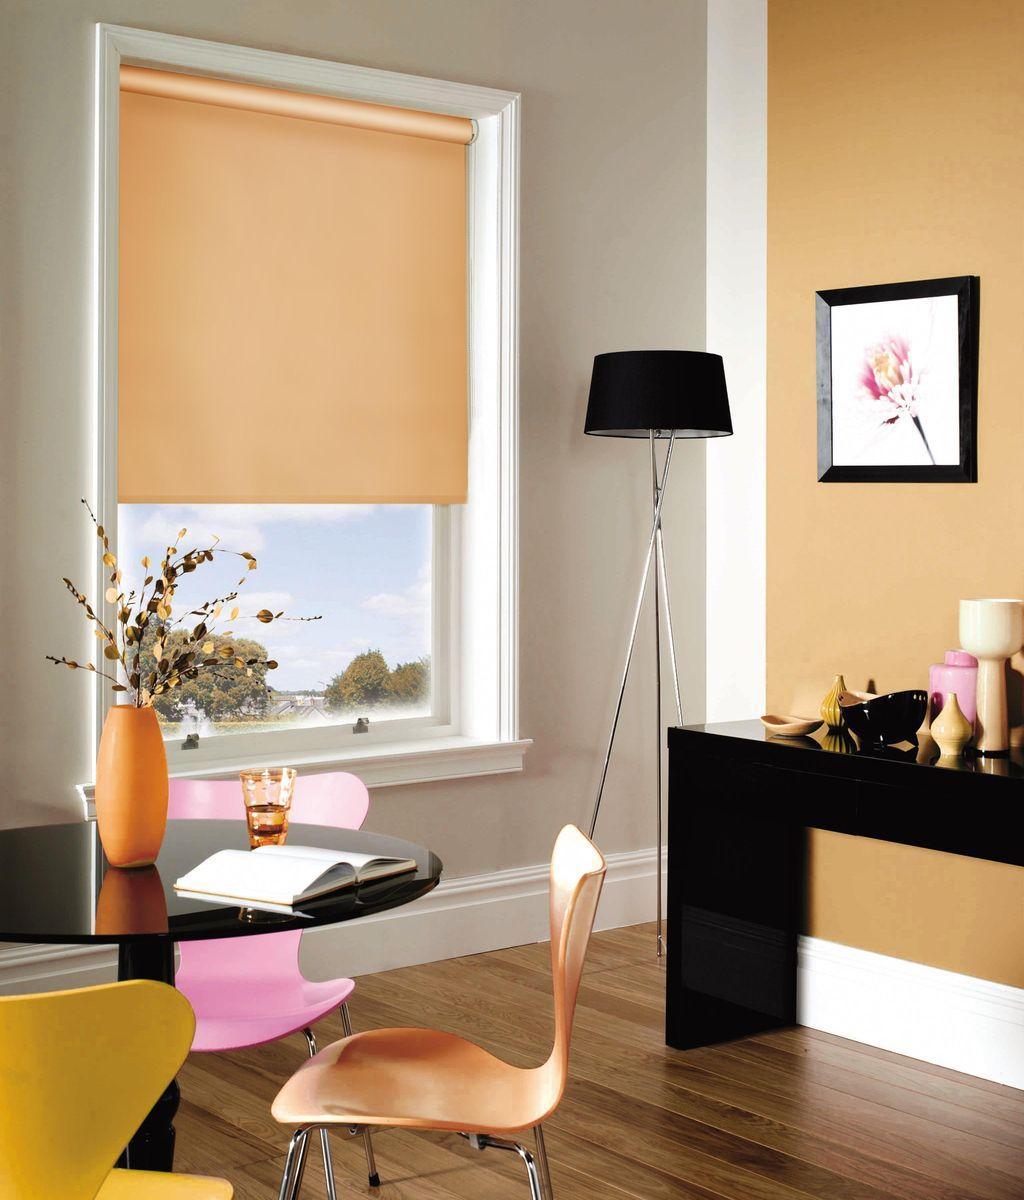 Штора рулонная Эскар, цвет: абрикосовый, ширина 140 см, высота 170 см81012140170Рулонными шторами Эскар можно оформлять окна как самостоятельно, так и использовать в комбинации с портьерами. Это поможет предотвратить выгорание дорогой ткани на солнце и соединит функционал рулонных с красотой навесных. Преимущества применения рулонных штор для пластиковых окон: - имеют прекрасный внешний вид: многообразие и фактурность материала изделия отлично смотрятся в любом интерьере;- многофункциональны: есть возможность подобрать шторы способные эффективно защитить комнату от солнца, при этом она не будет слишком темной;- есть возможность осуществить быстрый монтаж.ВНИМАНИЕ! Размеры ширины изделия указаны по ширине ткани! Во время эксплуатации не рекомендуется полностью разматывать рулон, чтобы не оторвать ткань от намоточного вала. В случае загрязнения поверхности ткани, чистку шторы проводят одним из способов, в зависимости от типа загрязнения:легкое поверхностное загрязнение можно удалить при помощи канцелярского ластика;чистка от пыли производится сухим методом при помощи пылесоса с мягкой щеткой-насадкой;для удаления пятна используйте мягкую губку с пенообразующим неагрессивным моющим средством или пятновыводитель на натуральной основе (нельзя применять растворители).